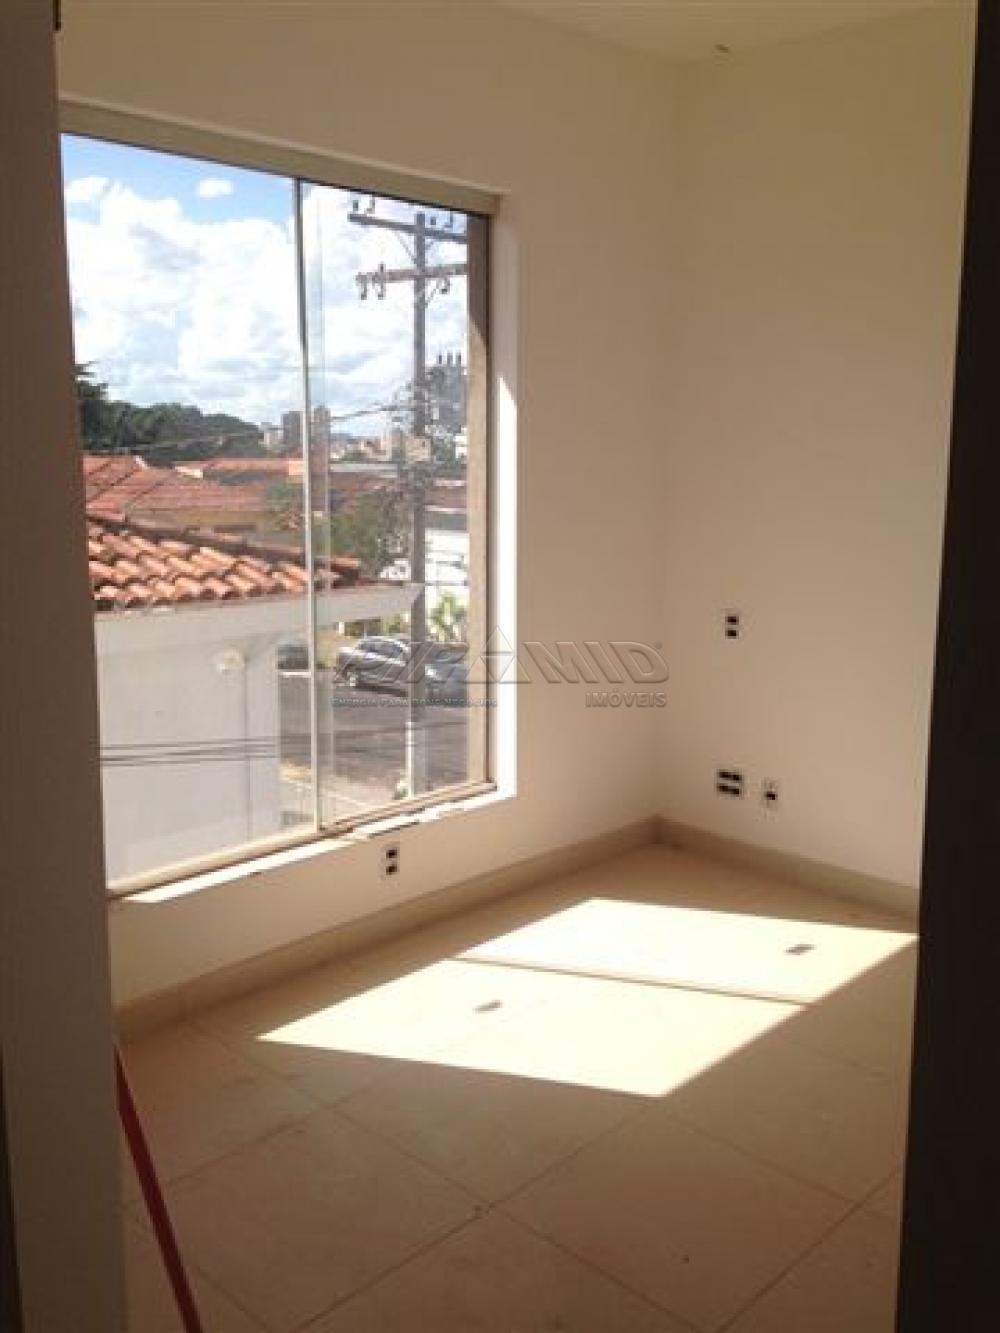 Alugar Casa / Padrão em Ribeirão Preto apenas R$ 4.500,00 - Foto 32